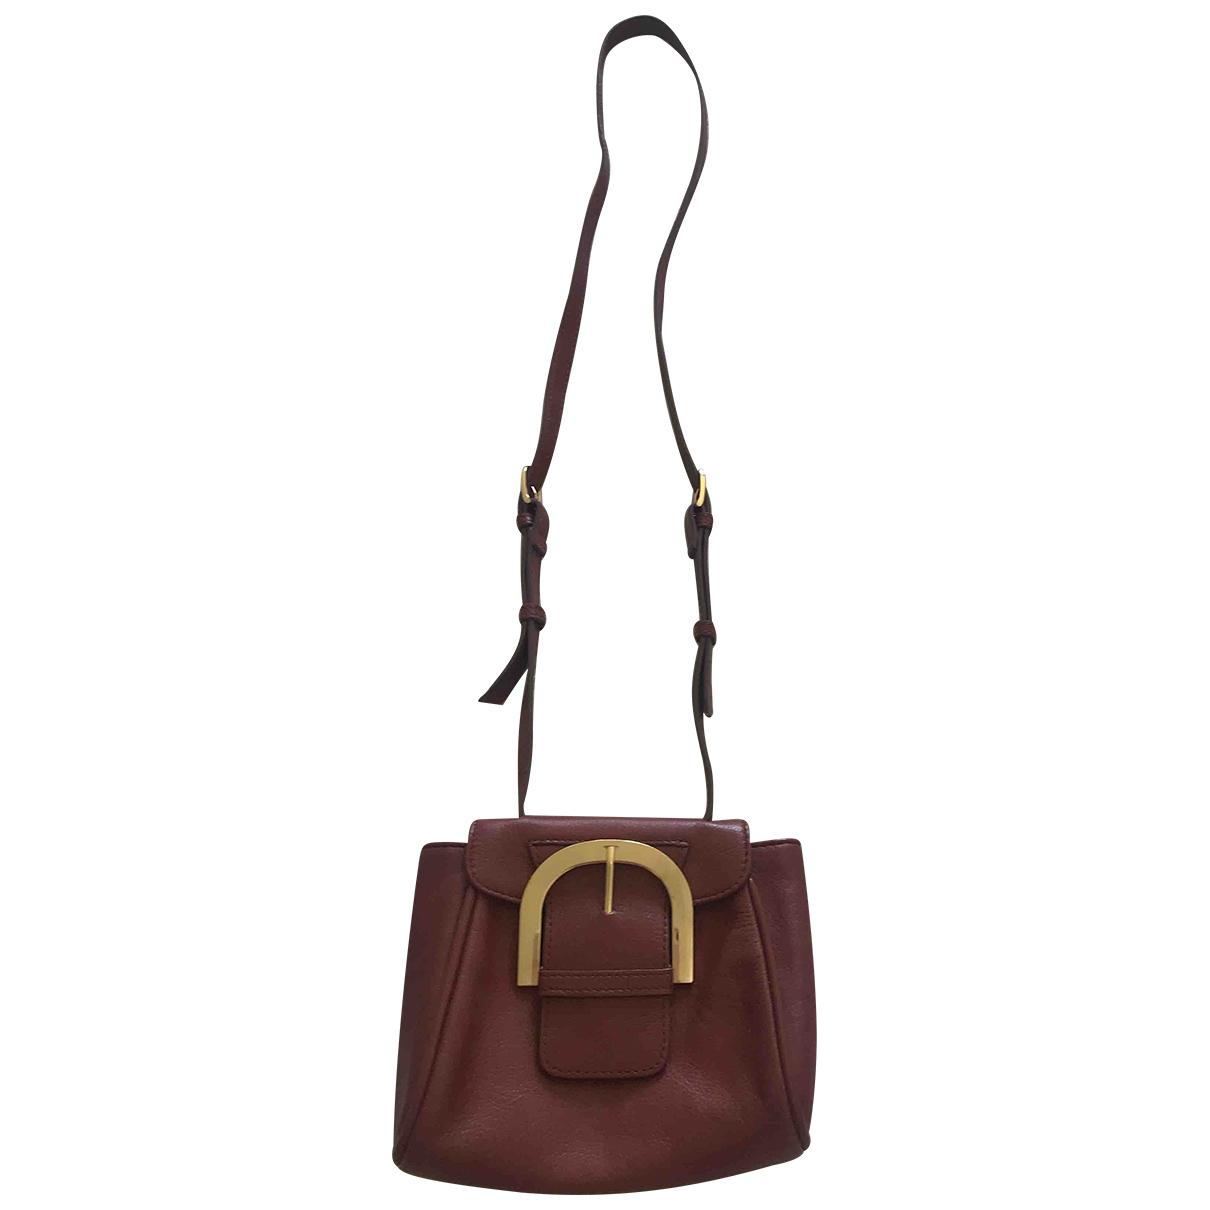 Zara \N Handtasche in  Bordeauxrot Leder